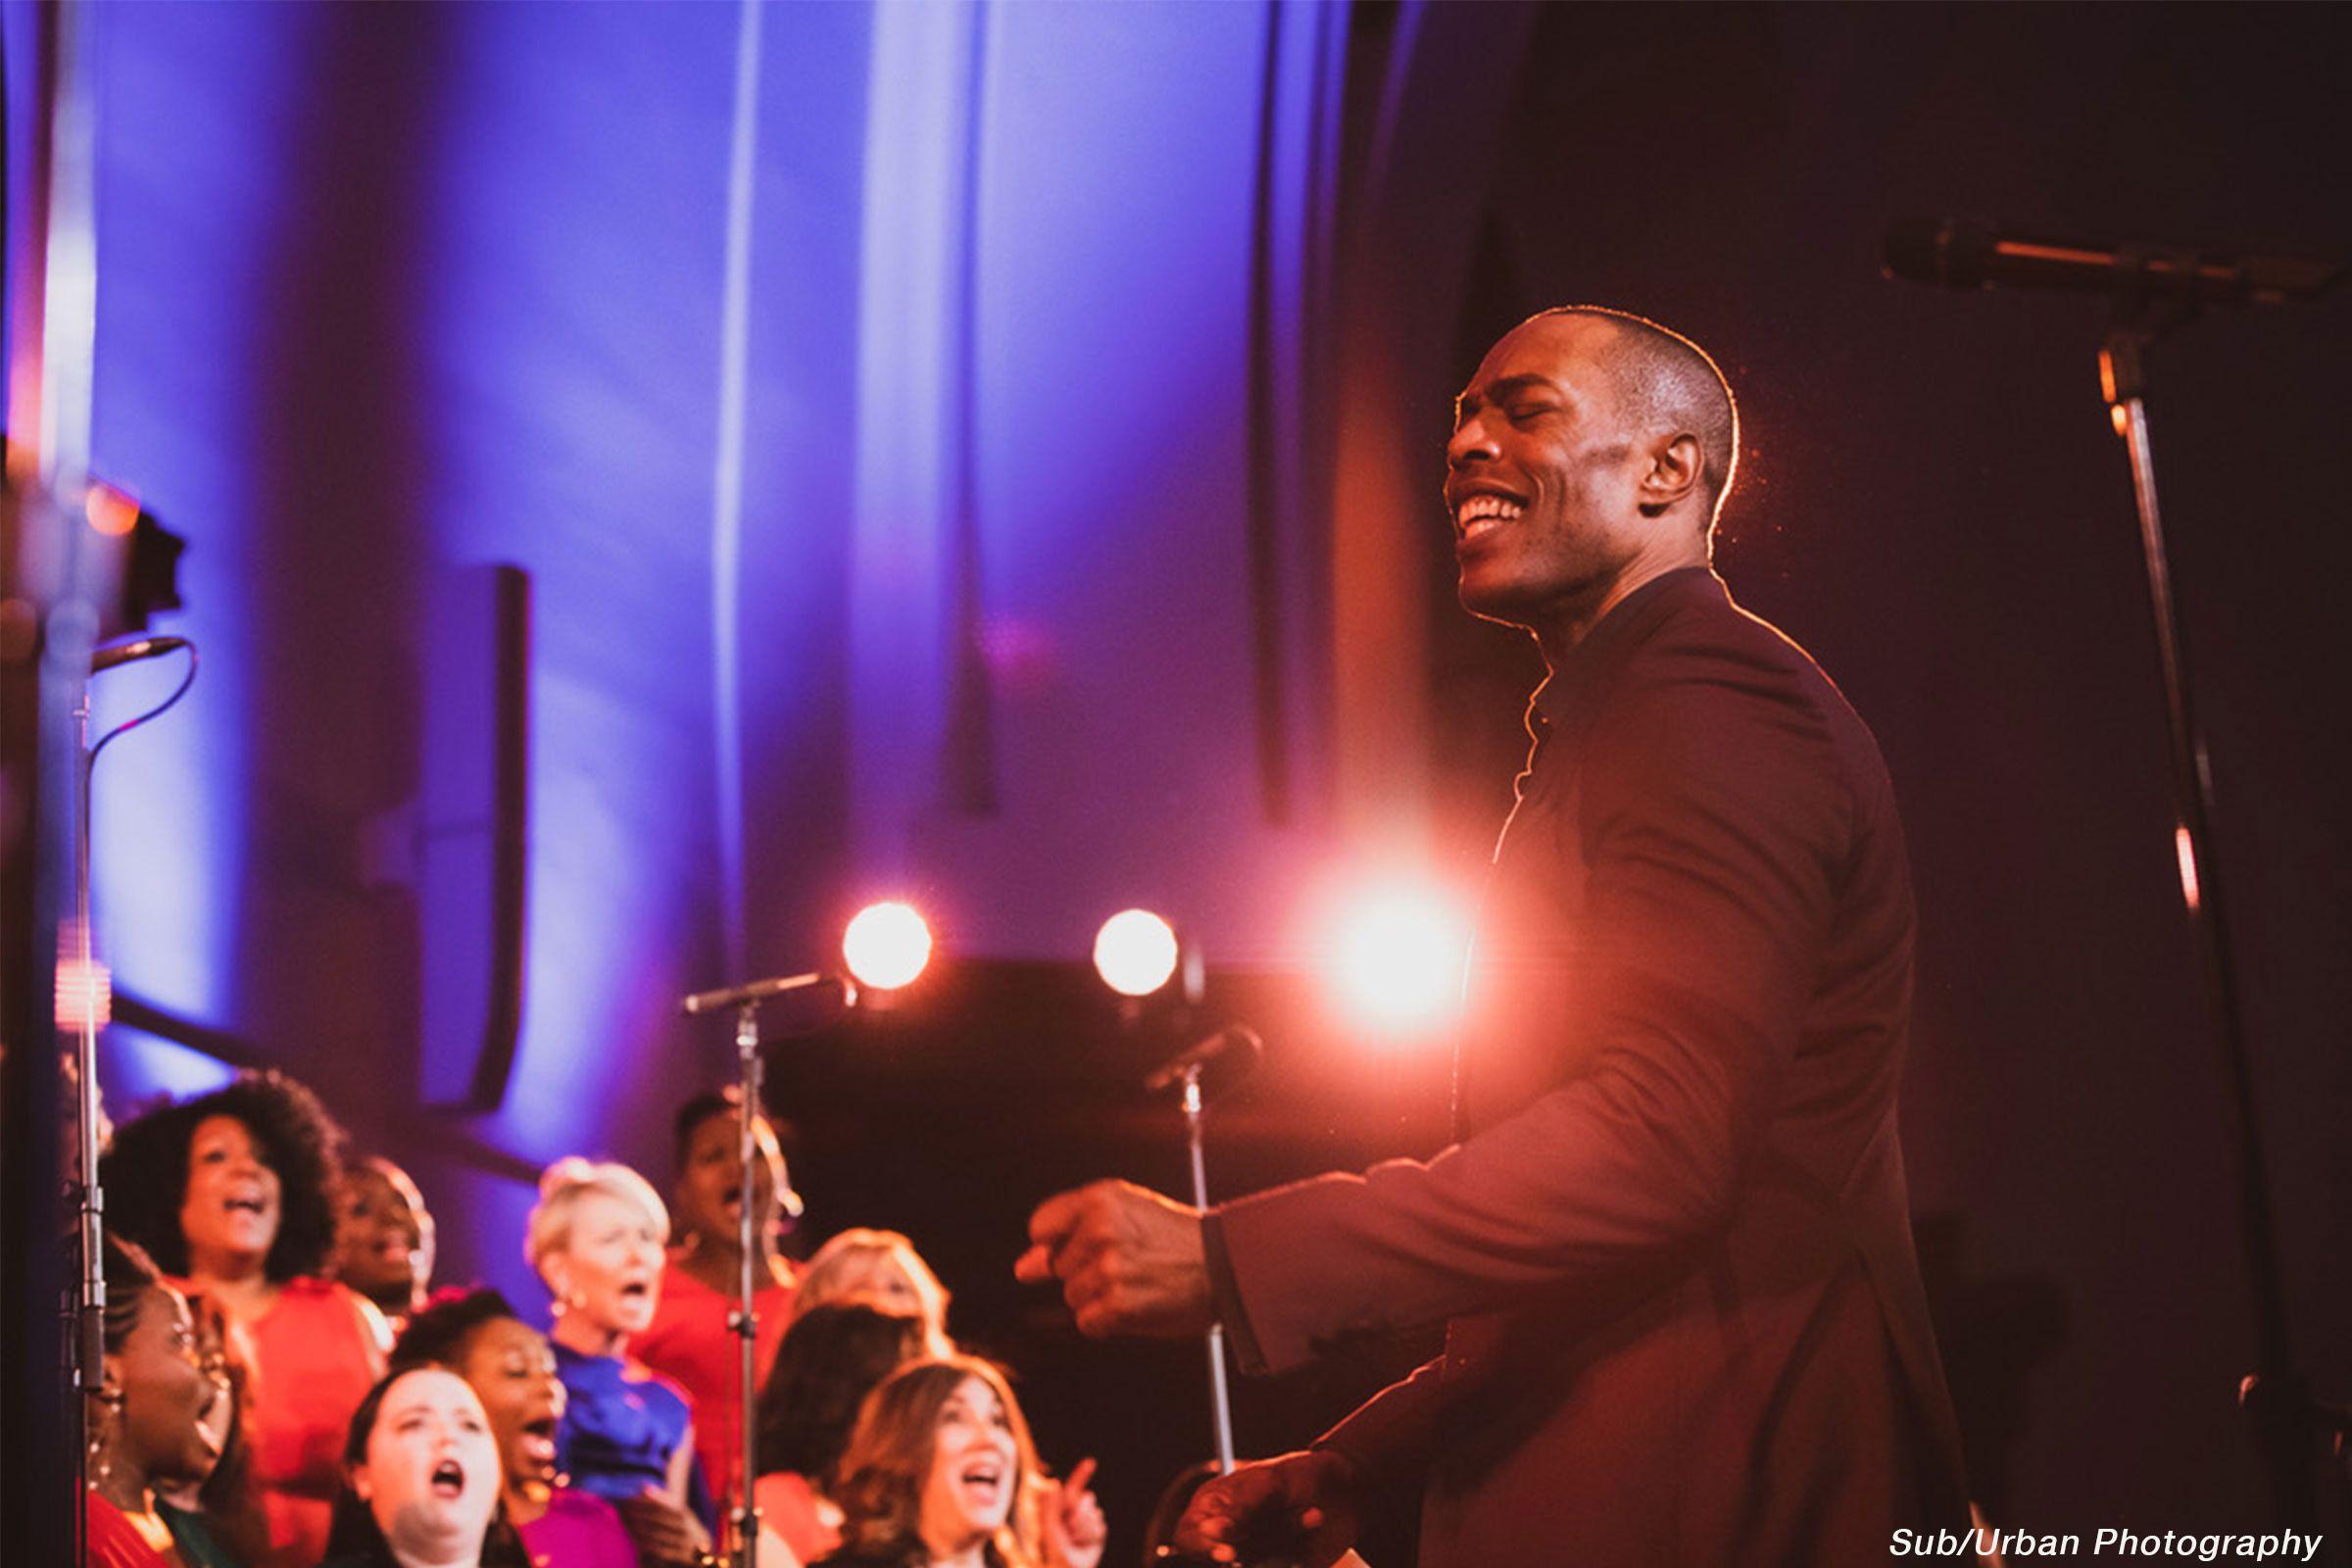 Man leading a choir